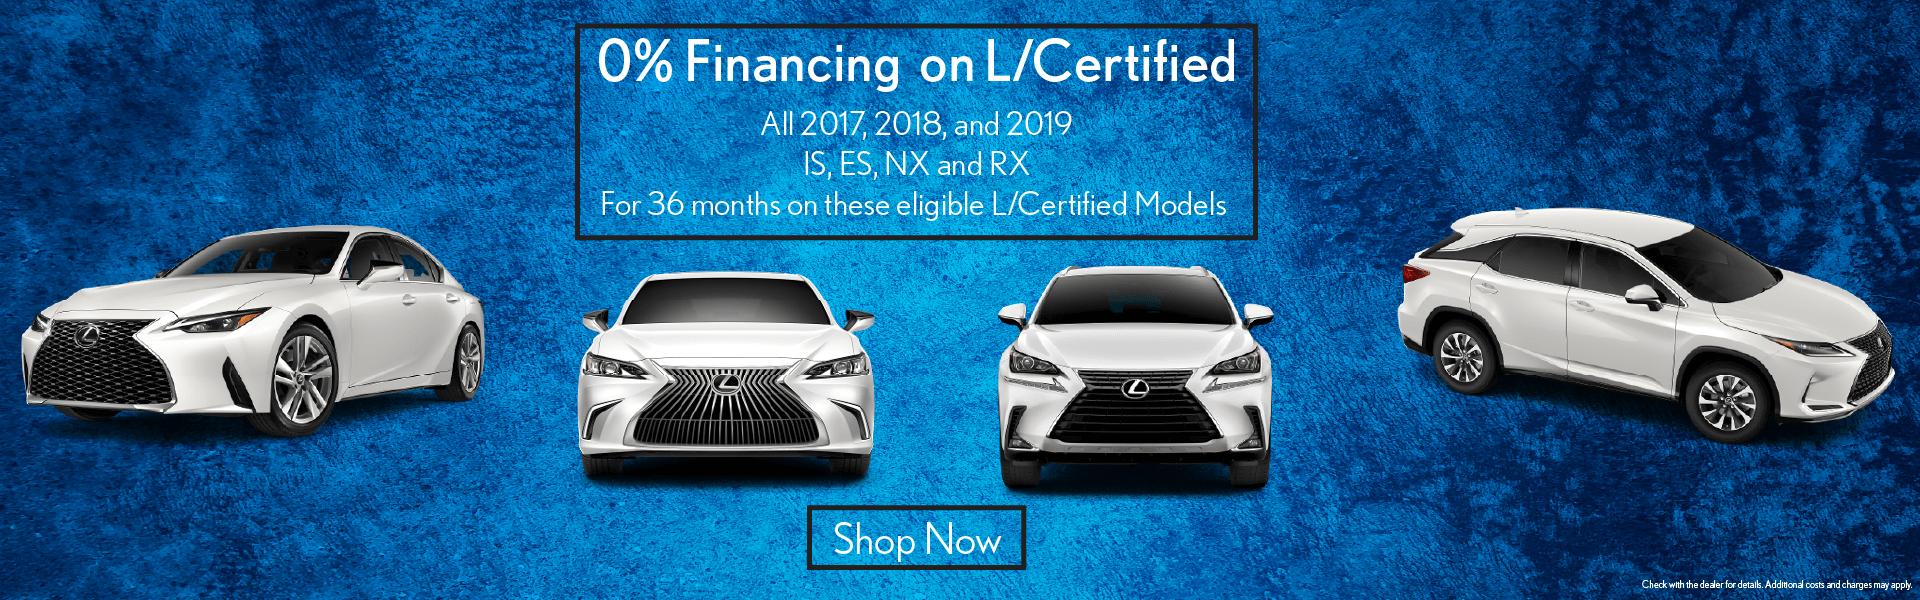 NX RX ES IS 0 & Financing L/Certified Vehicle